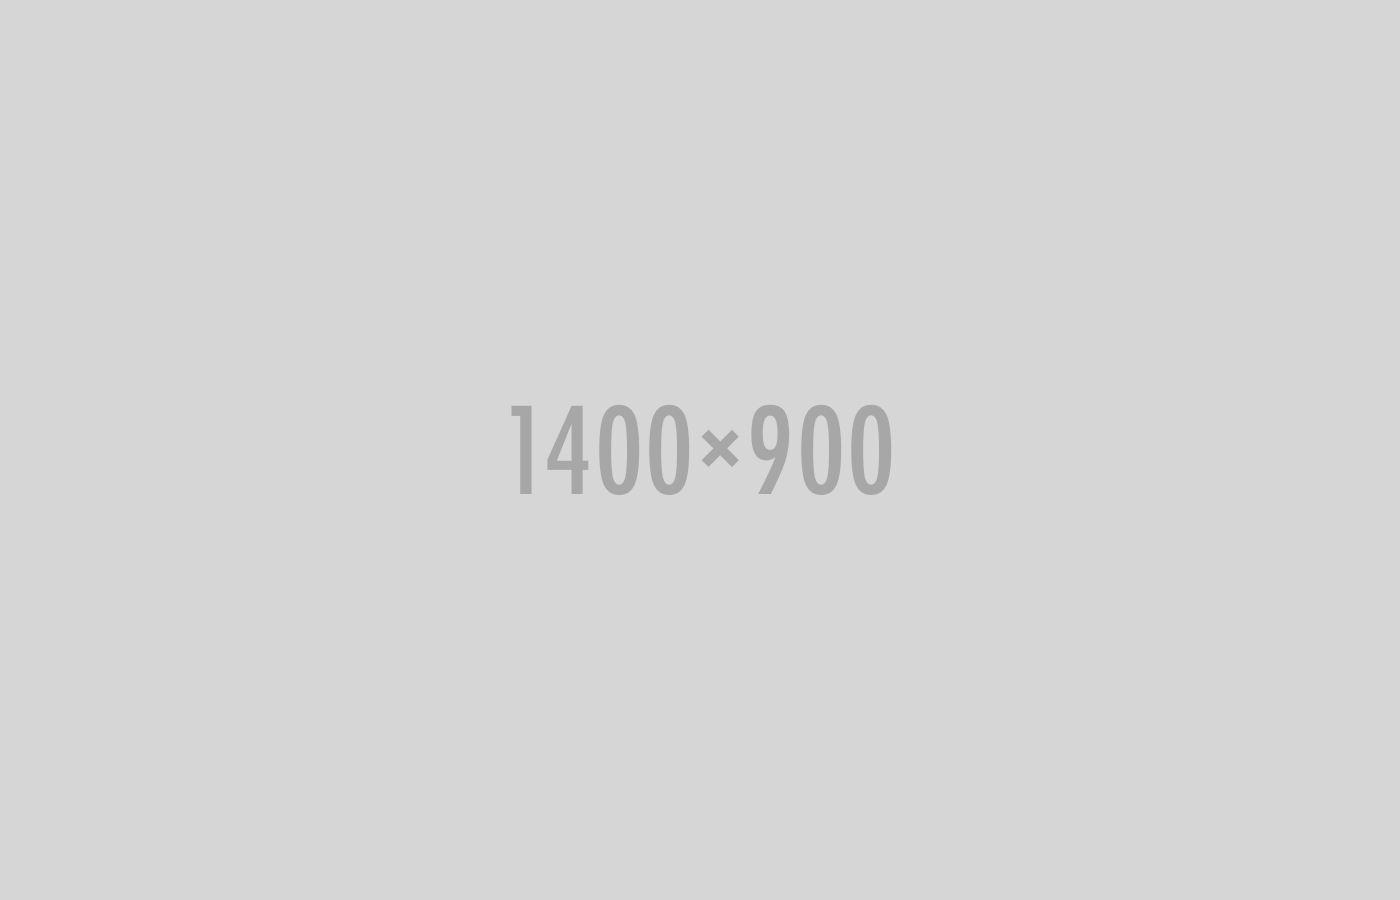 fullpage-cat03-image04